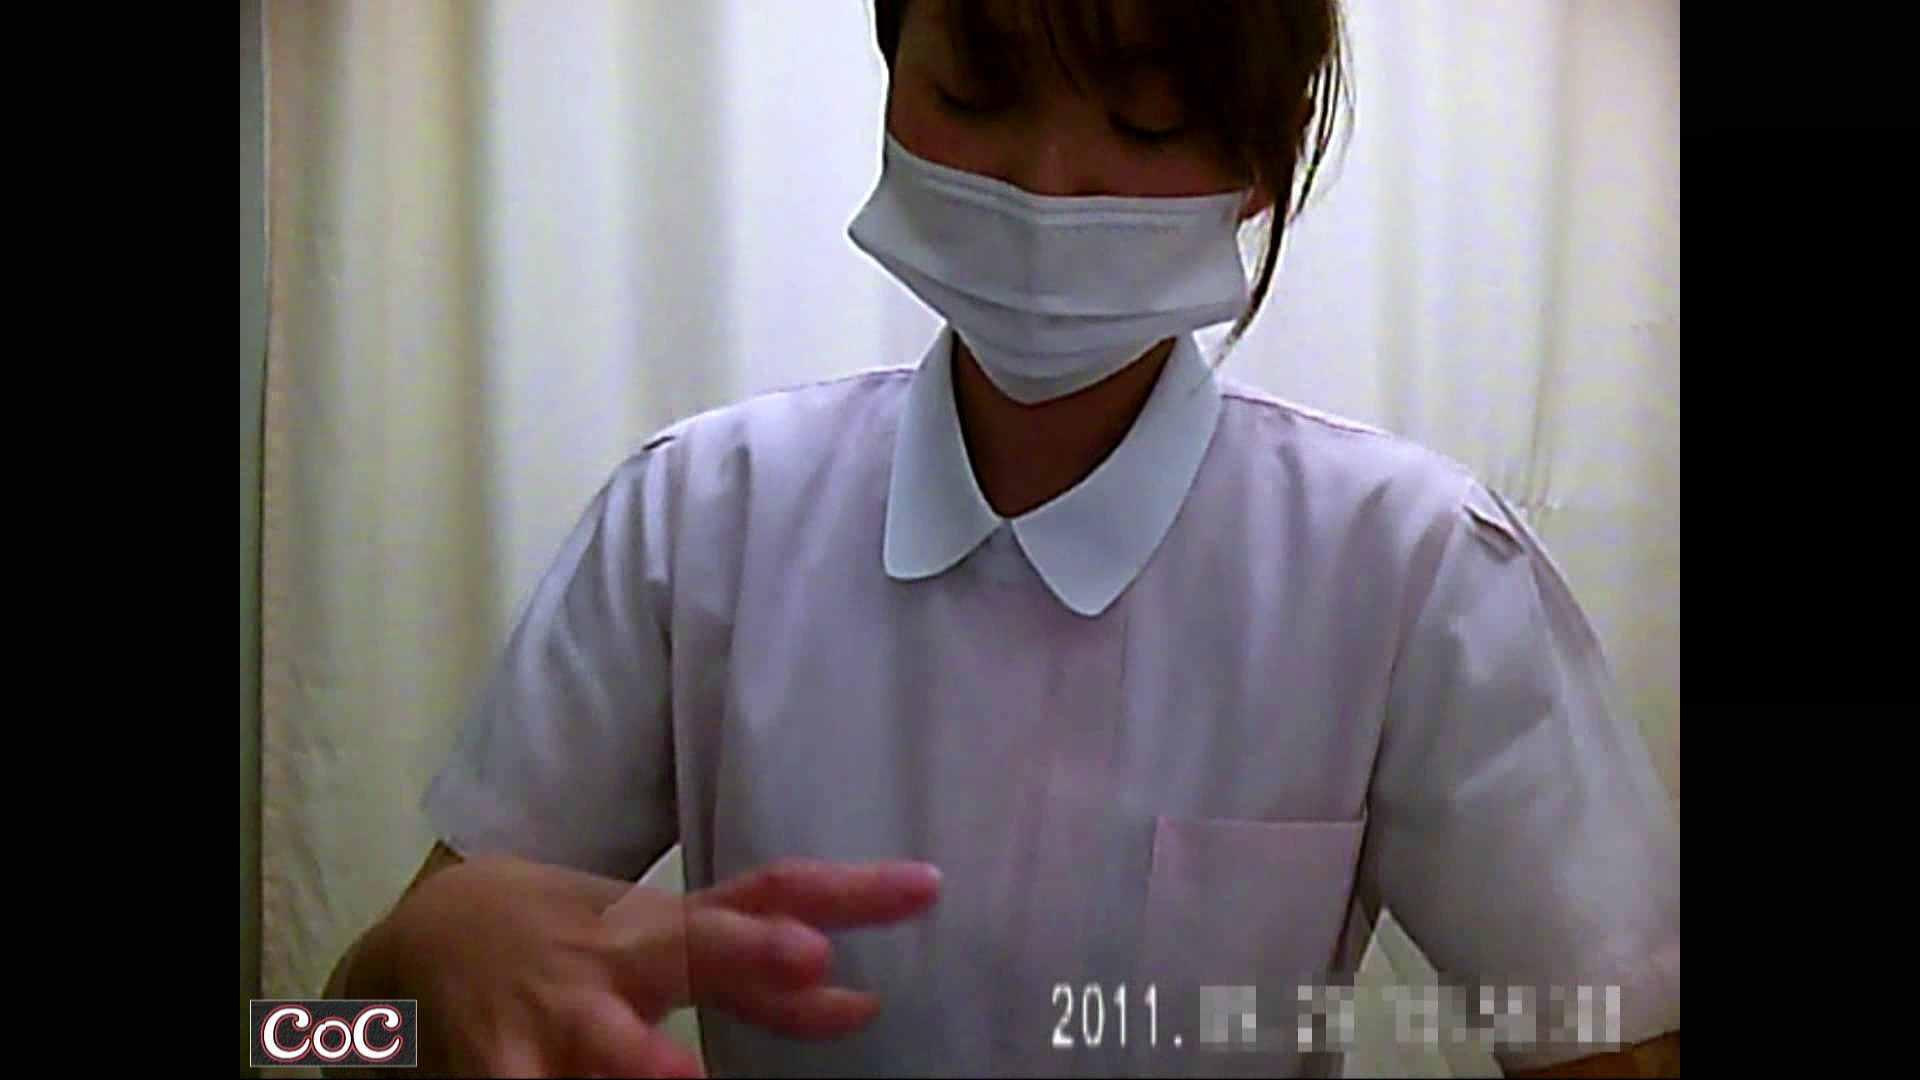 病院おもいっきり着替え! vol.42 盗撮 オメコ動画キャプチャ 98画像 72